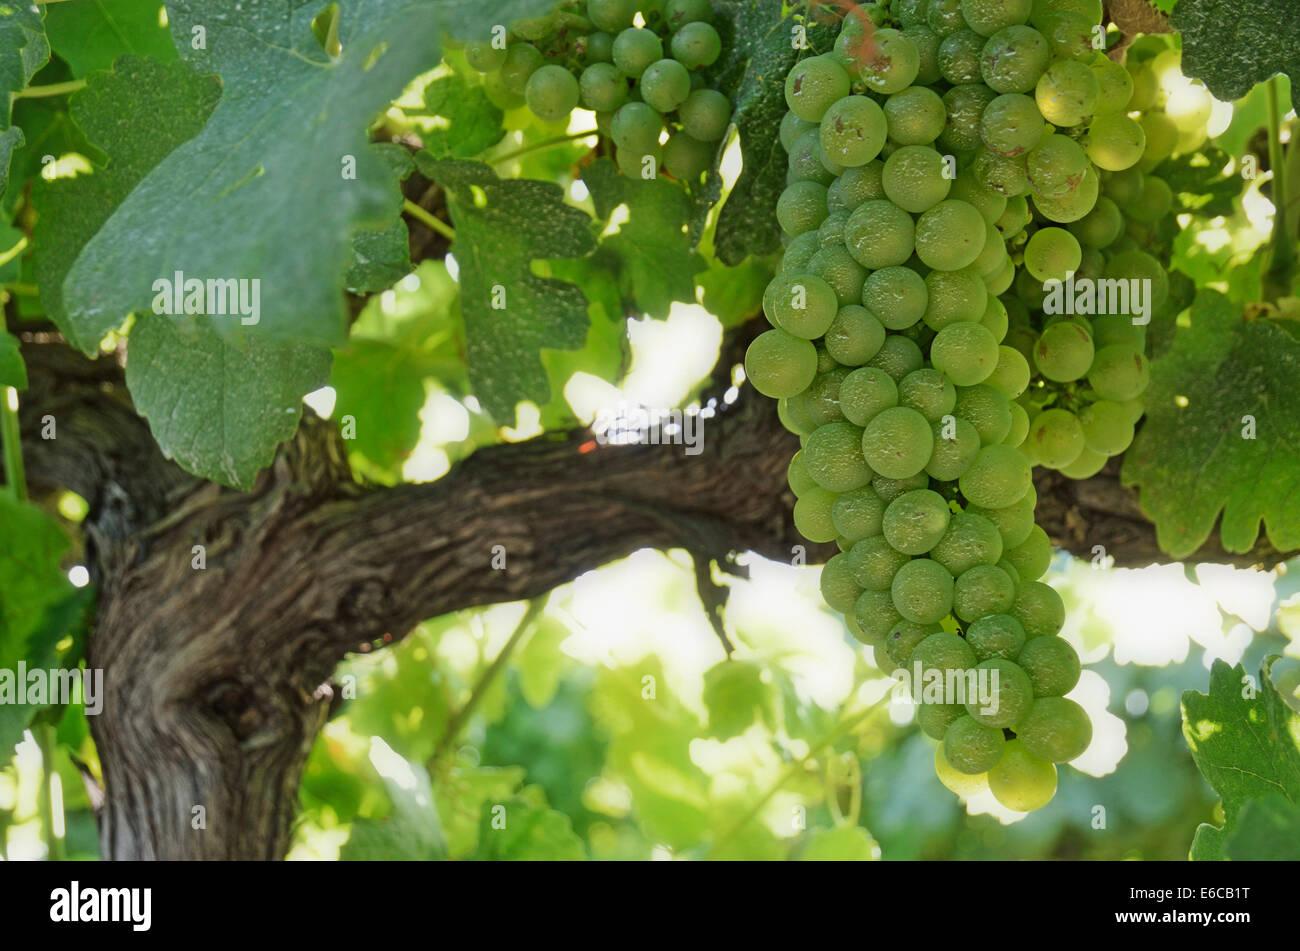 Grüne Trauben am Rebstock in einem Weinberg im Sommer, Provence, Frankreich Stockbild